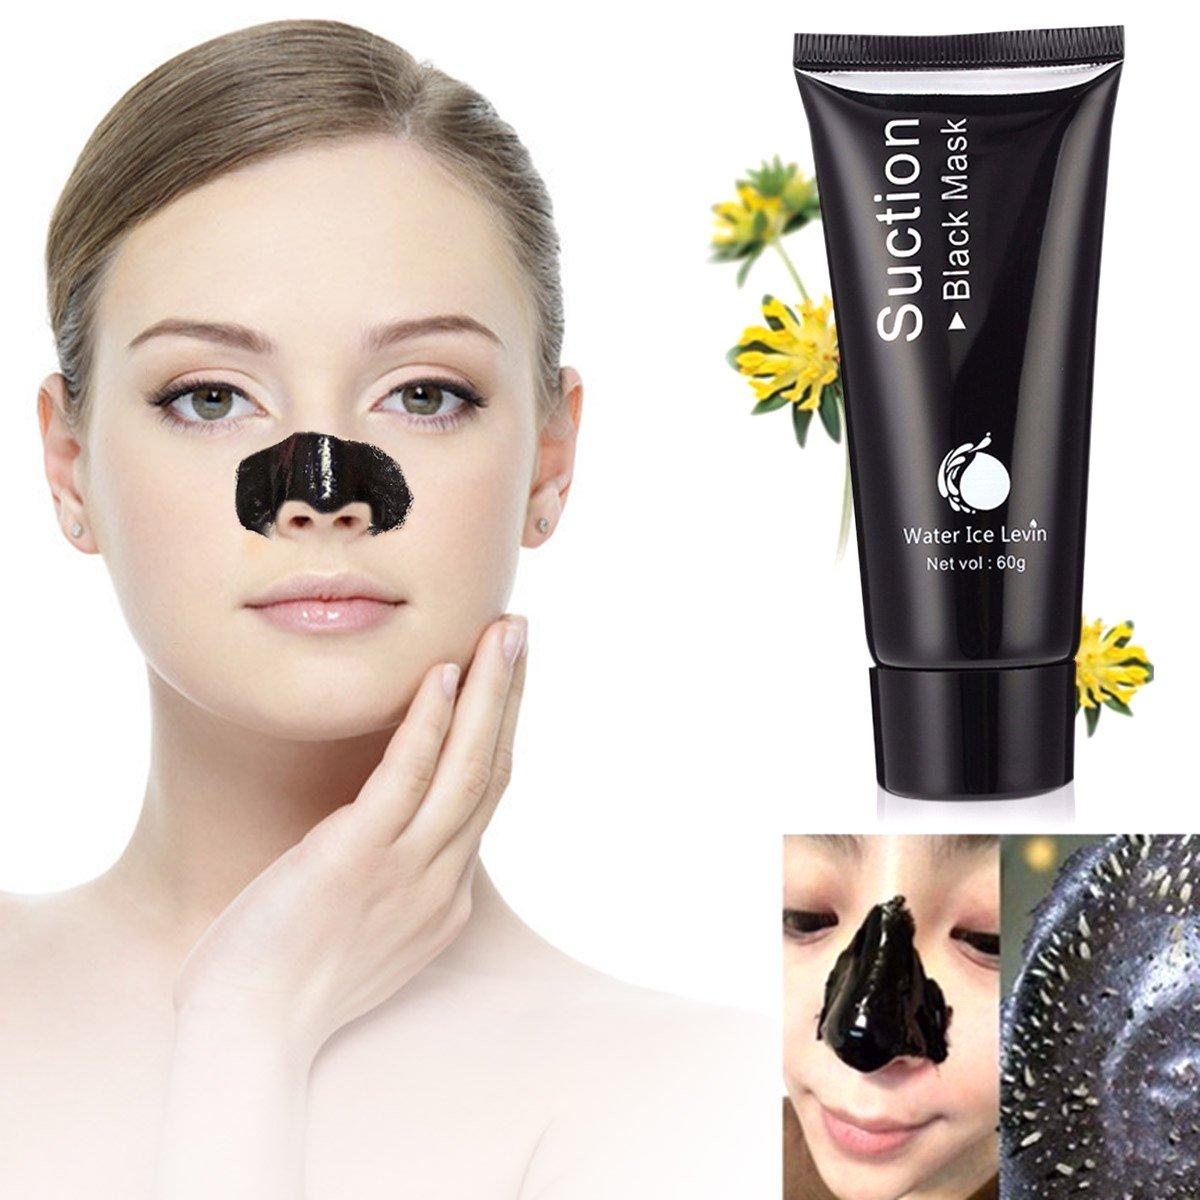 LuckyFine Blackheads y Acné Peel-off Máscara por solo 6,99€